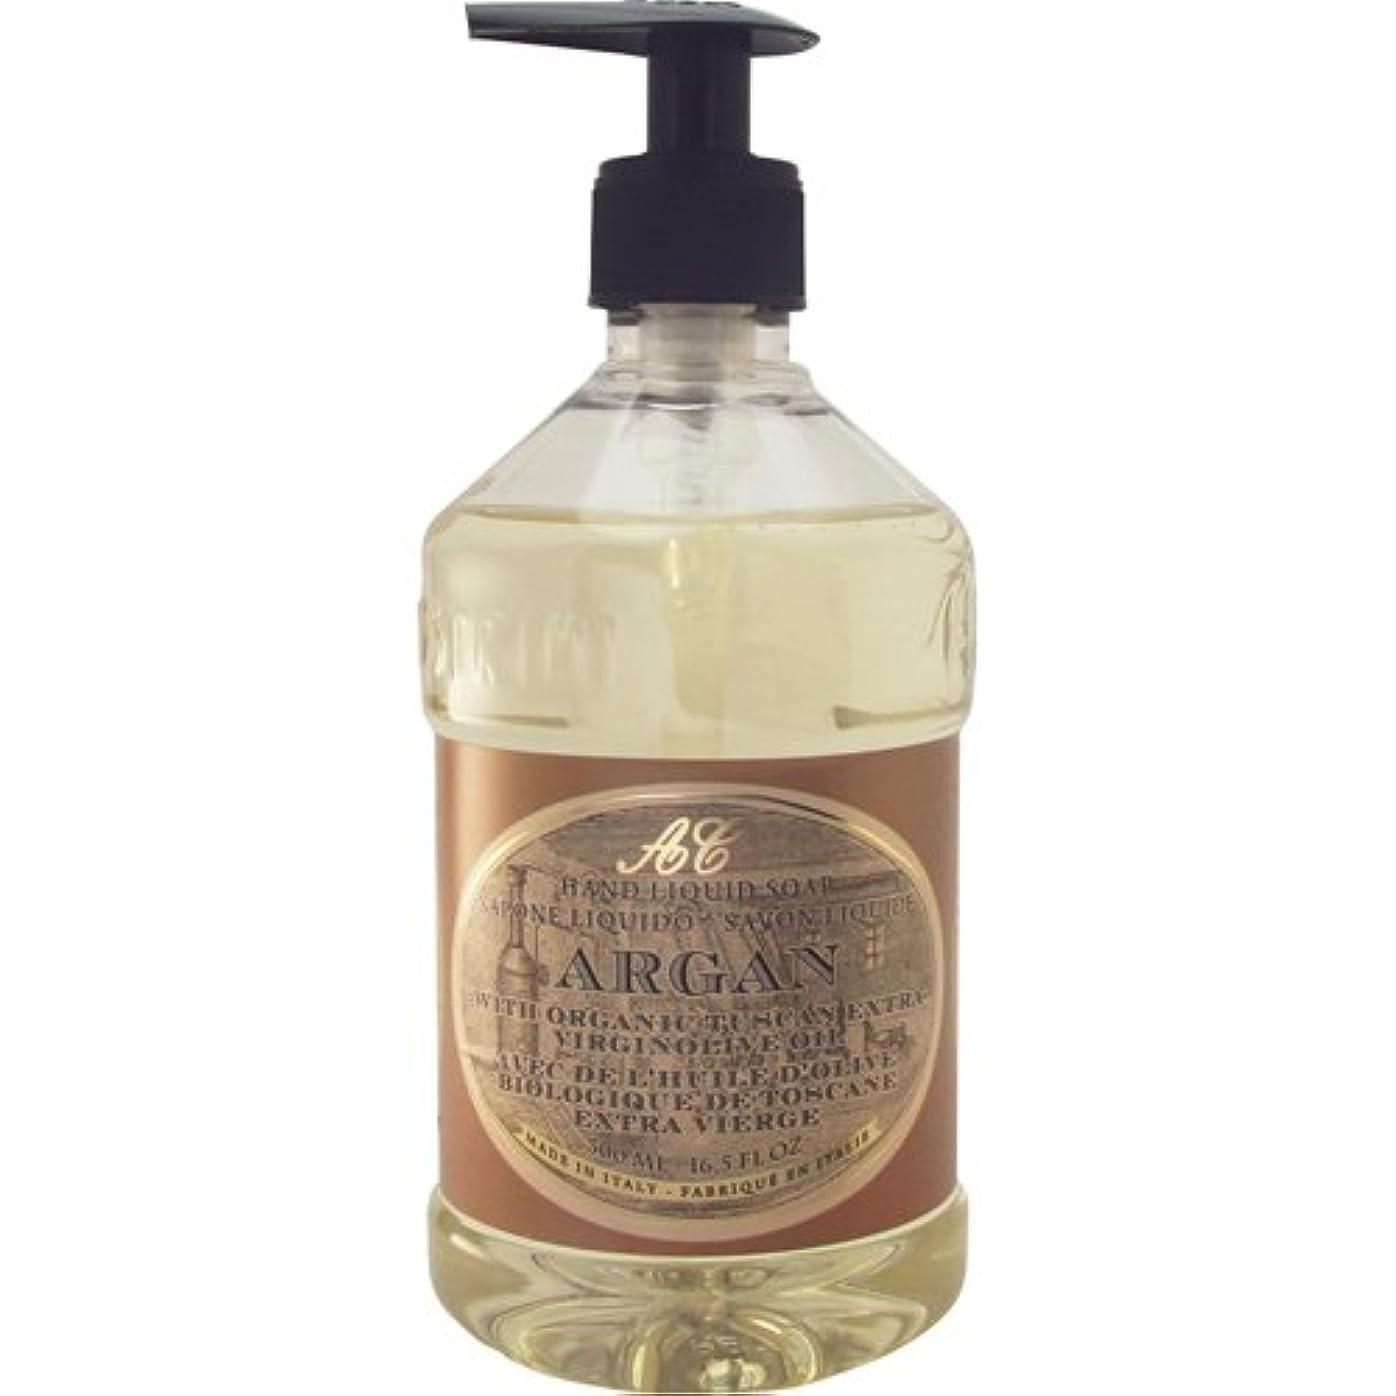 ギャロップ列車投票Saponerire Fissi レトロシリーズ Liquid Soap リキッドソープ 500ml Argan アルガンオイル